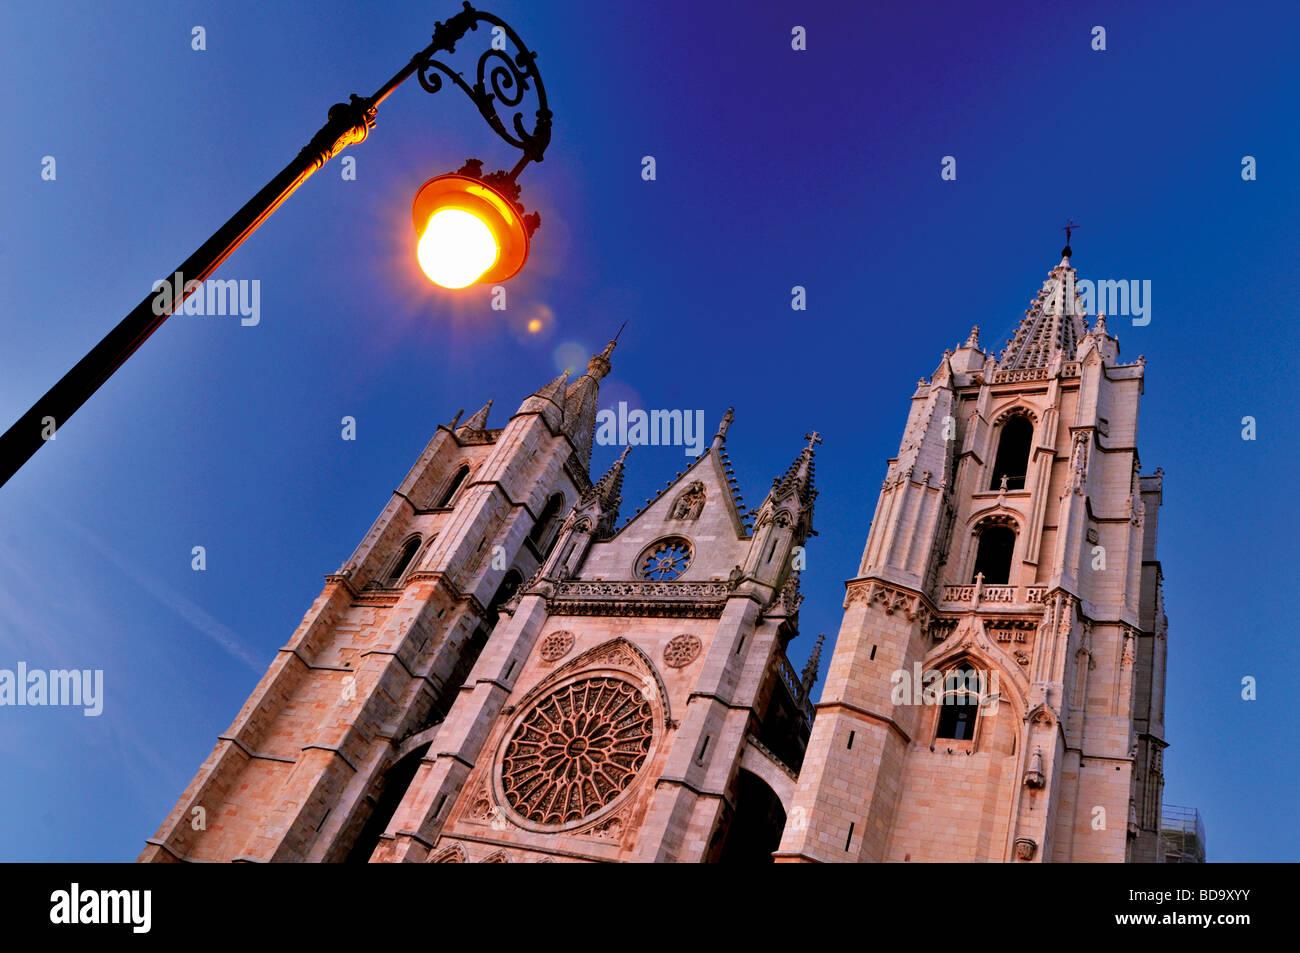 Spanien, Jakobsweg: Nächtliche Beleuchtung der Kathedrale von Leon Stockbild